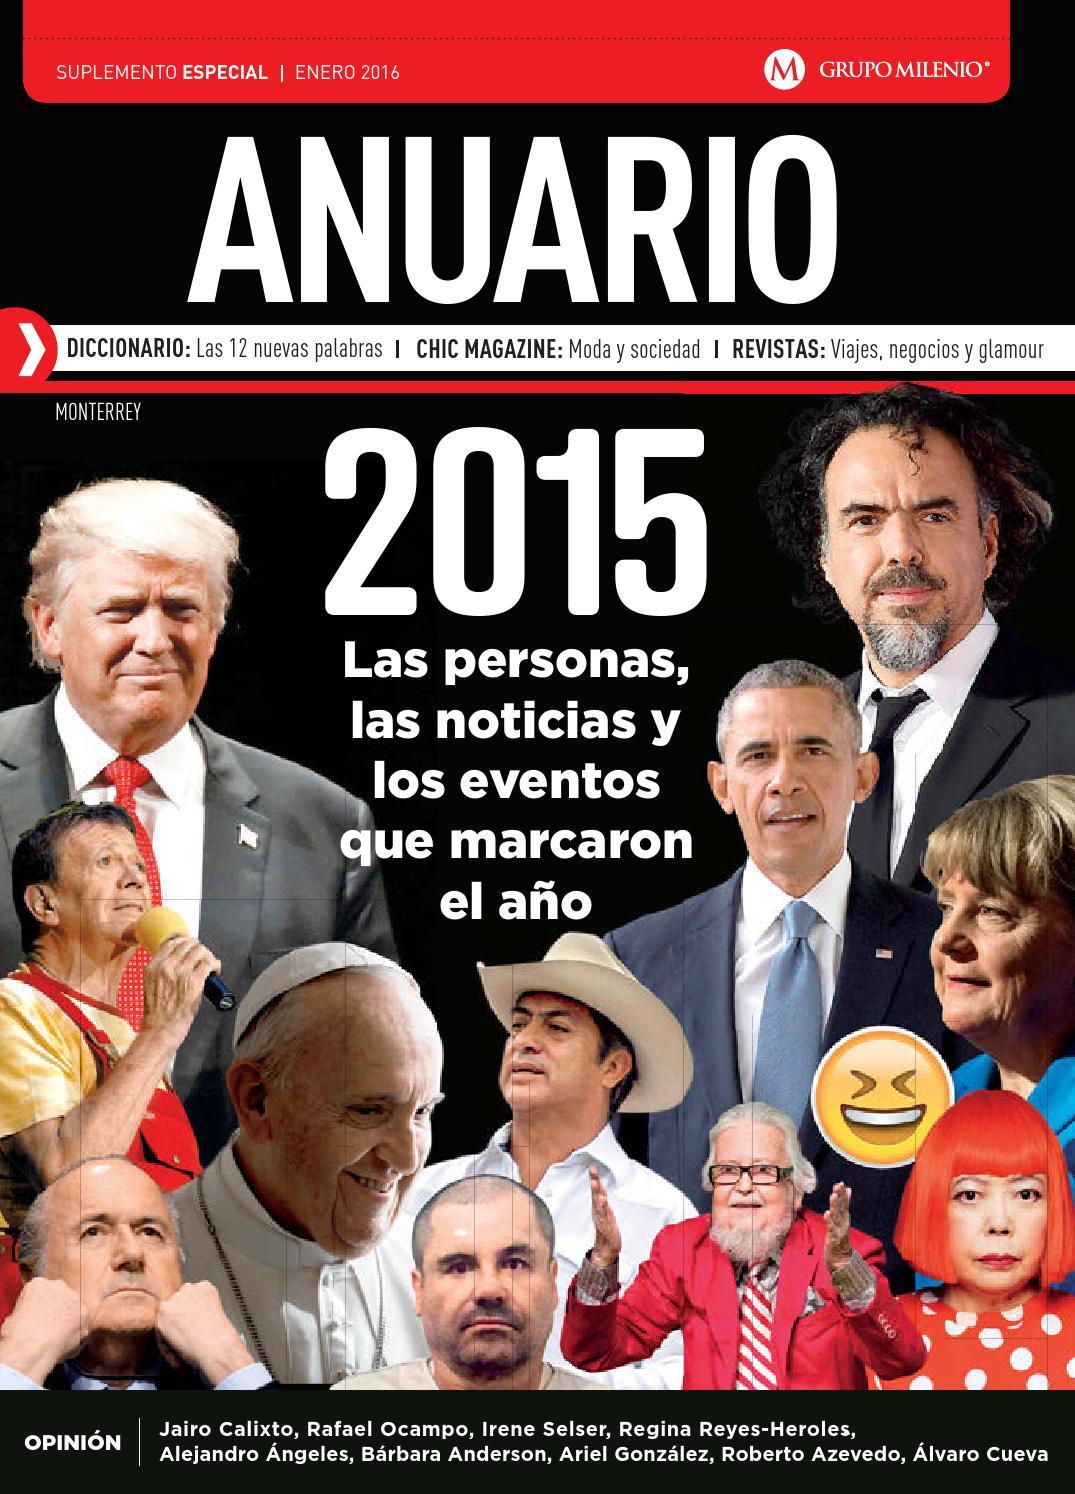 Anuario 2015 by Milenio Diario Monterrey - issuu 5b09e260c0a30